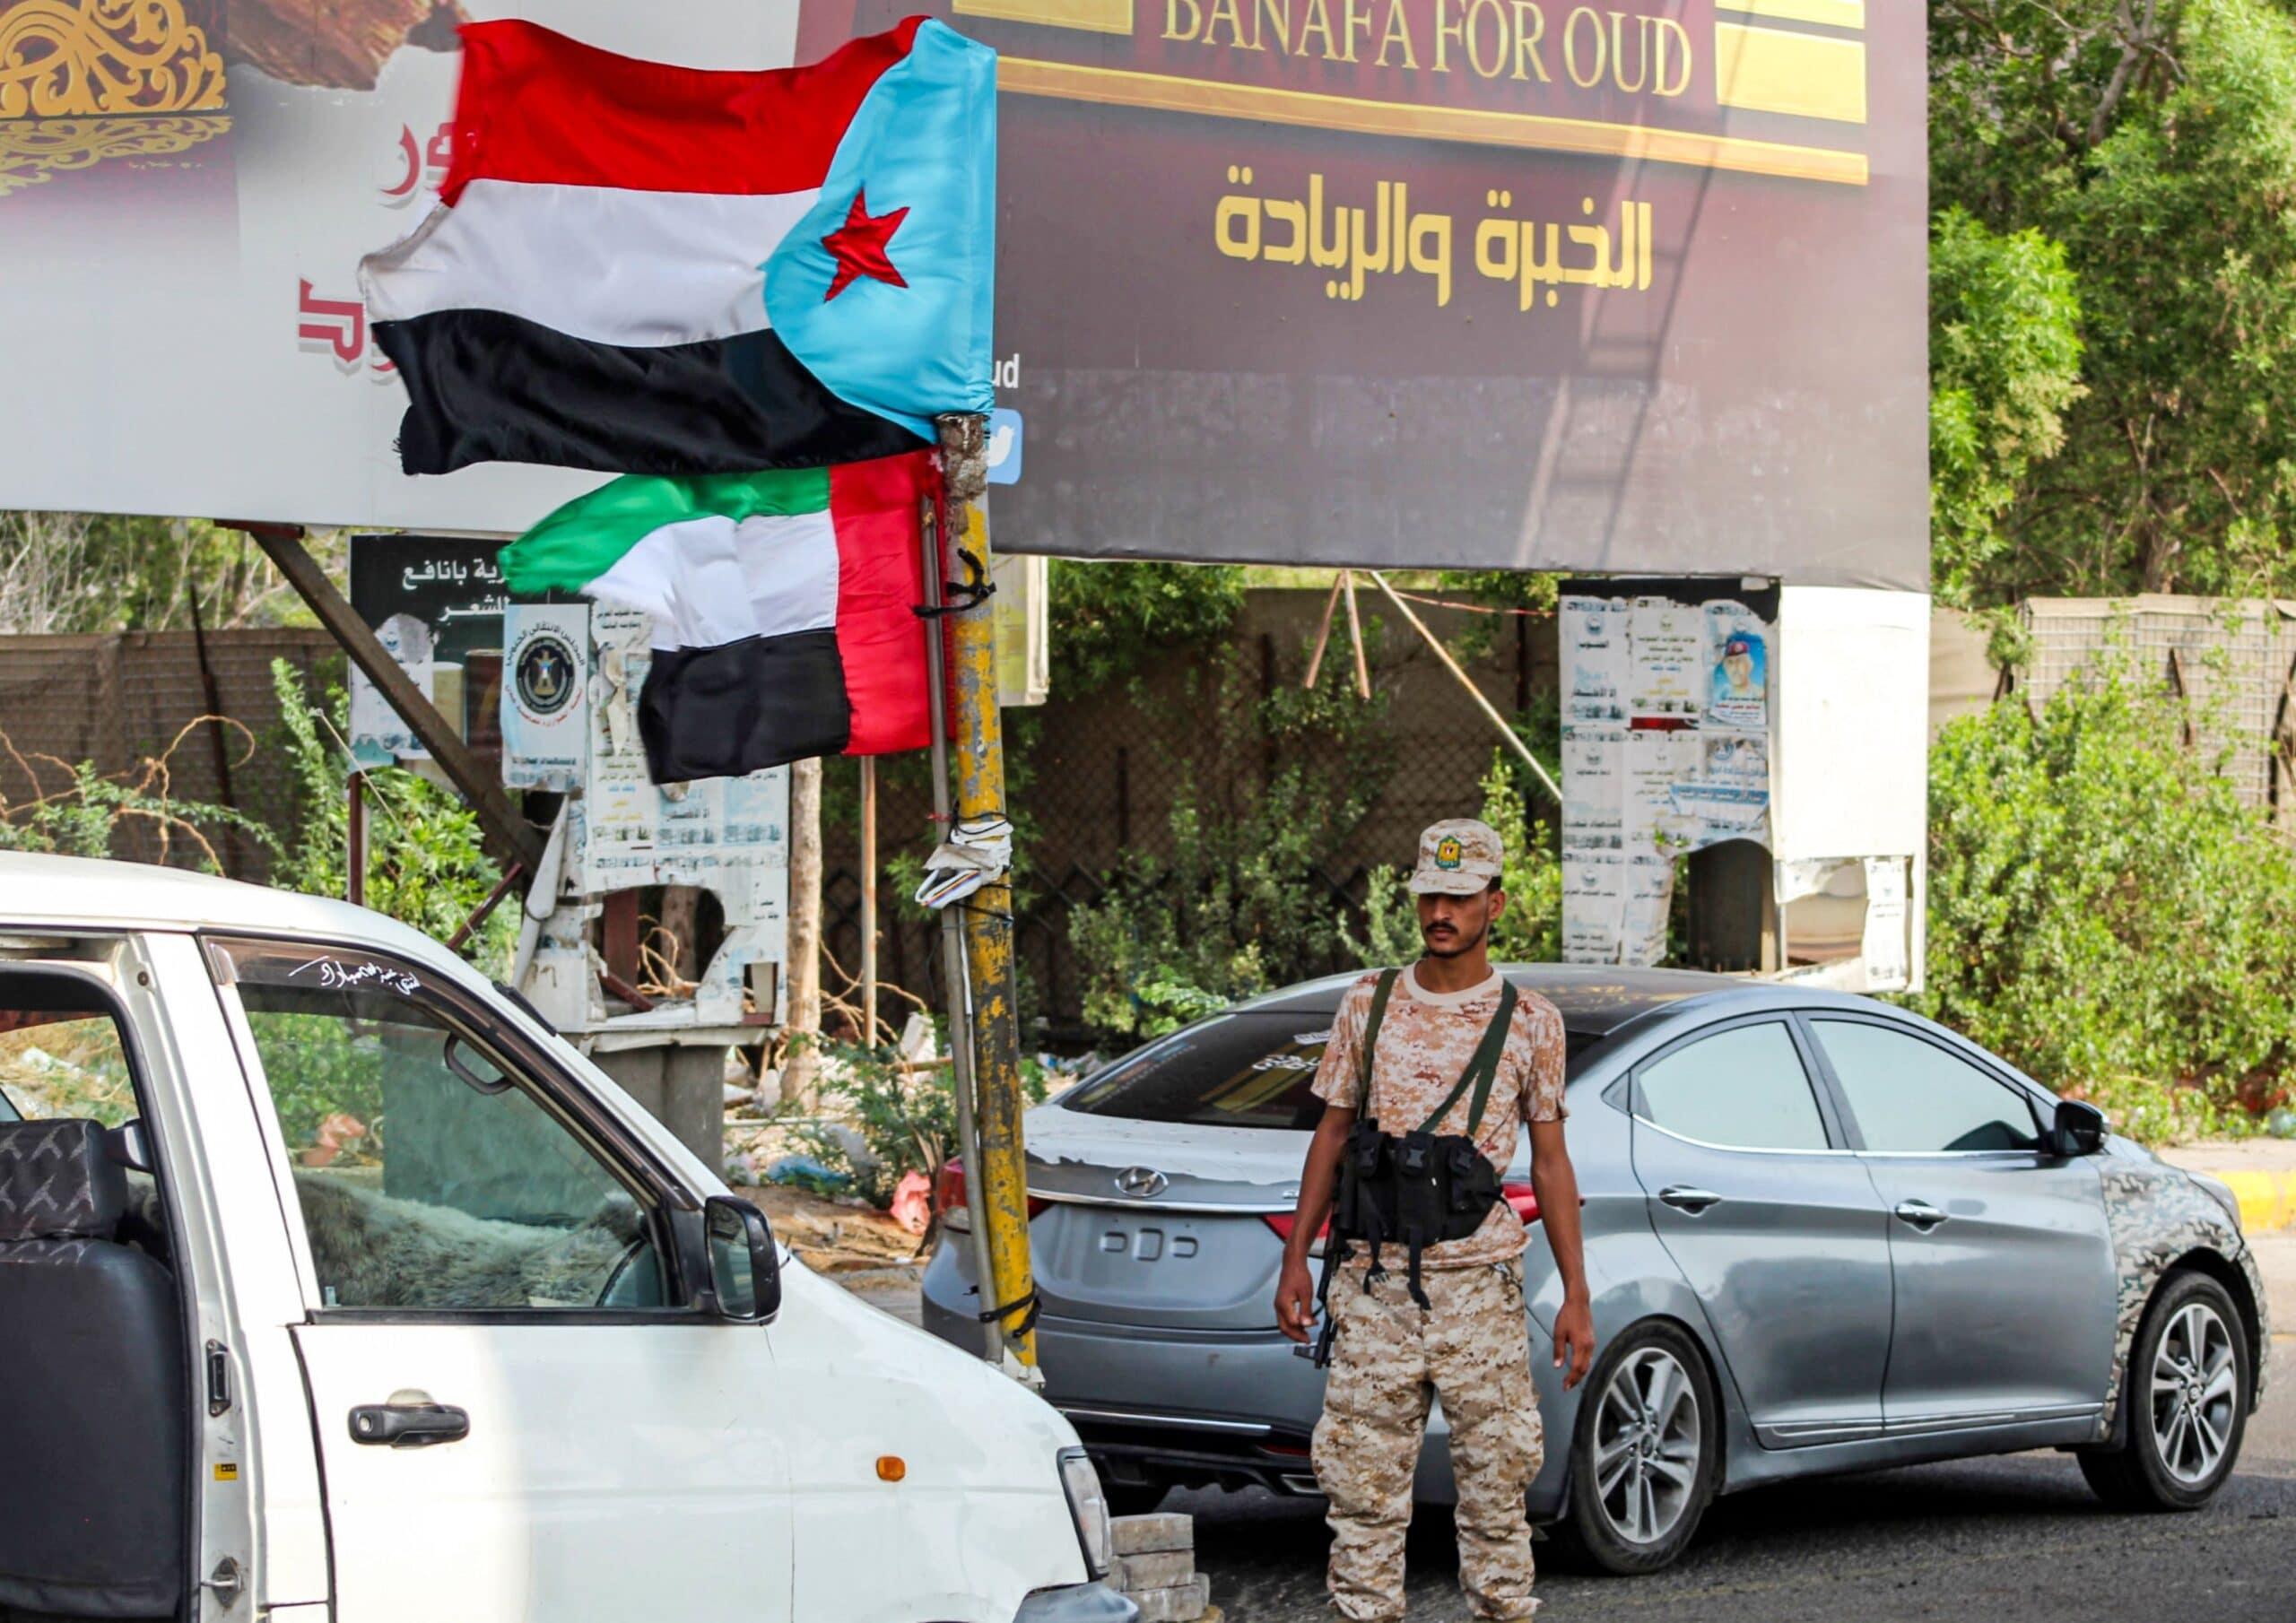 الكاتب السعودي خالد السبيعي يتهم دولاً بالسيطرة على موانئ وجزر اليمن